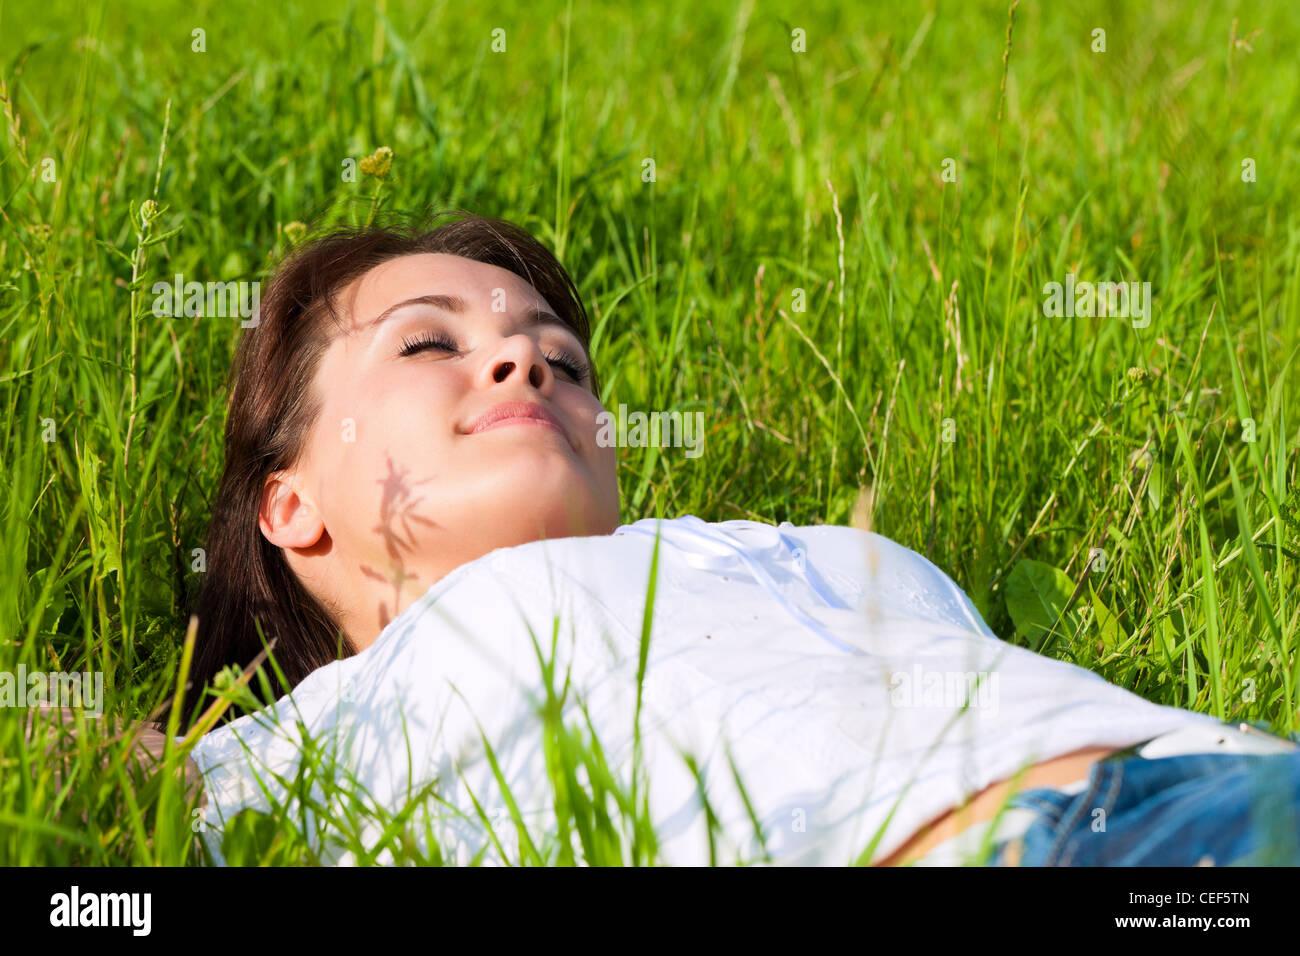 Junge Frau, die Verlegung auf einem Rasen oder Wiese im Sommer träumen und schlafen Stockbild